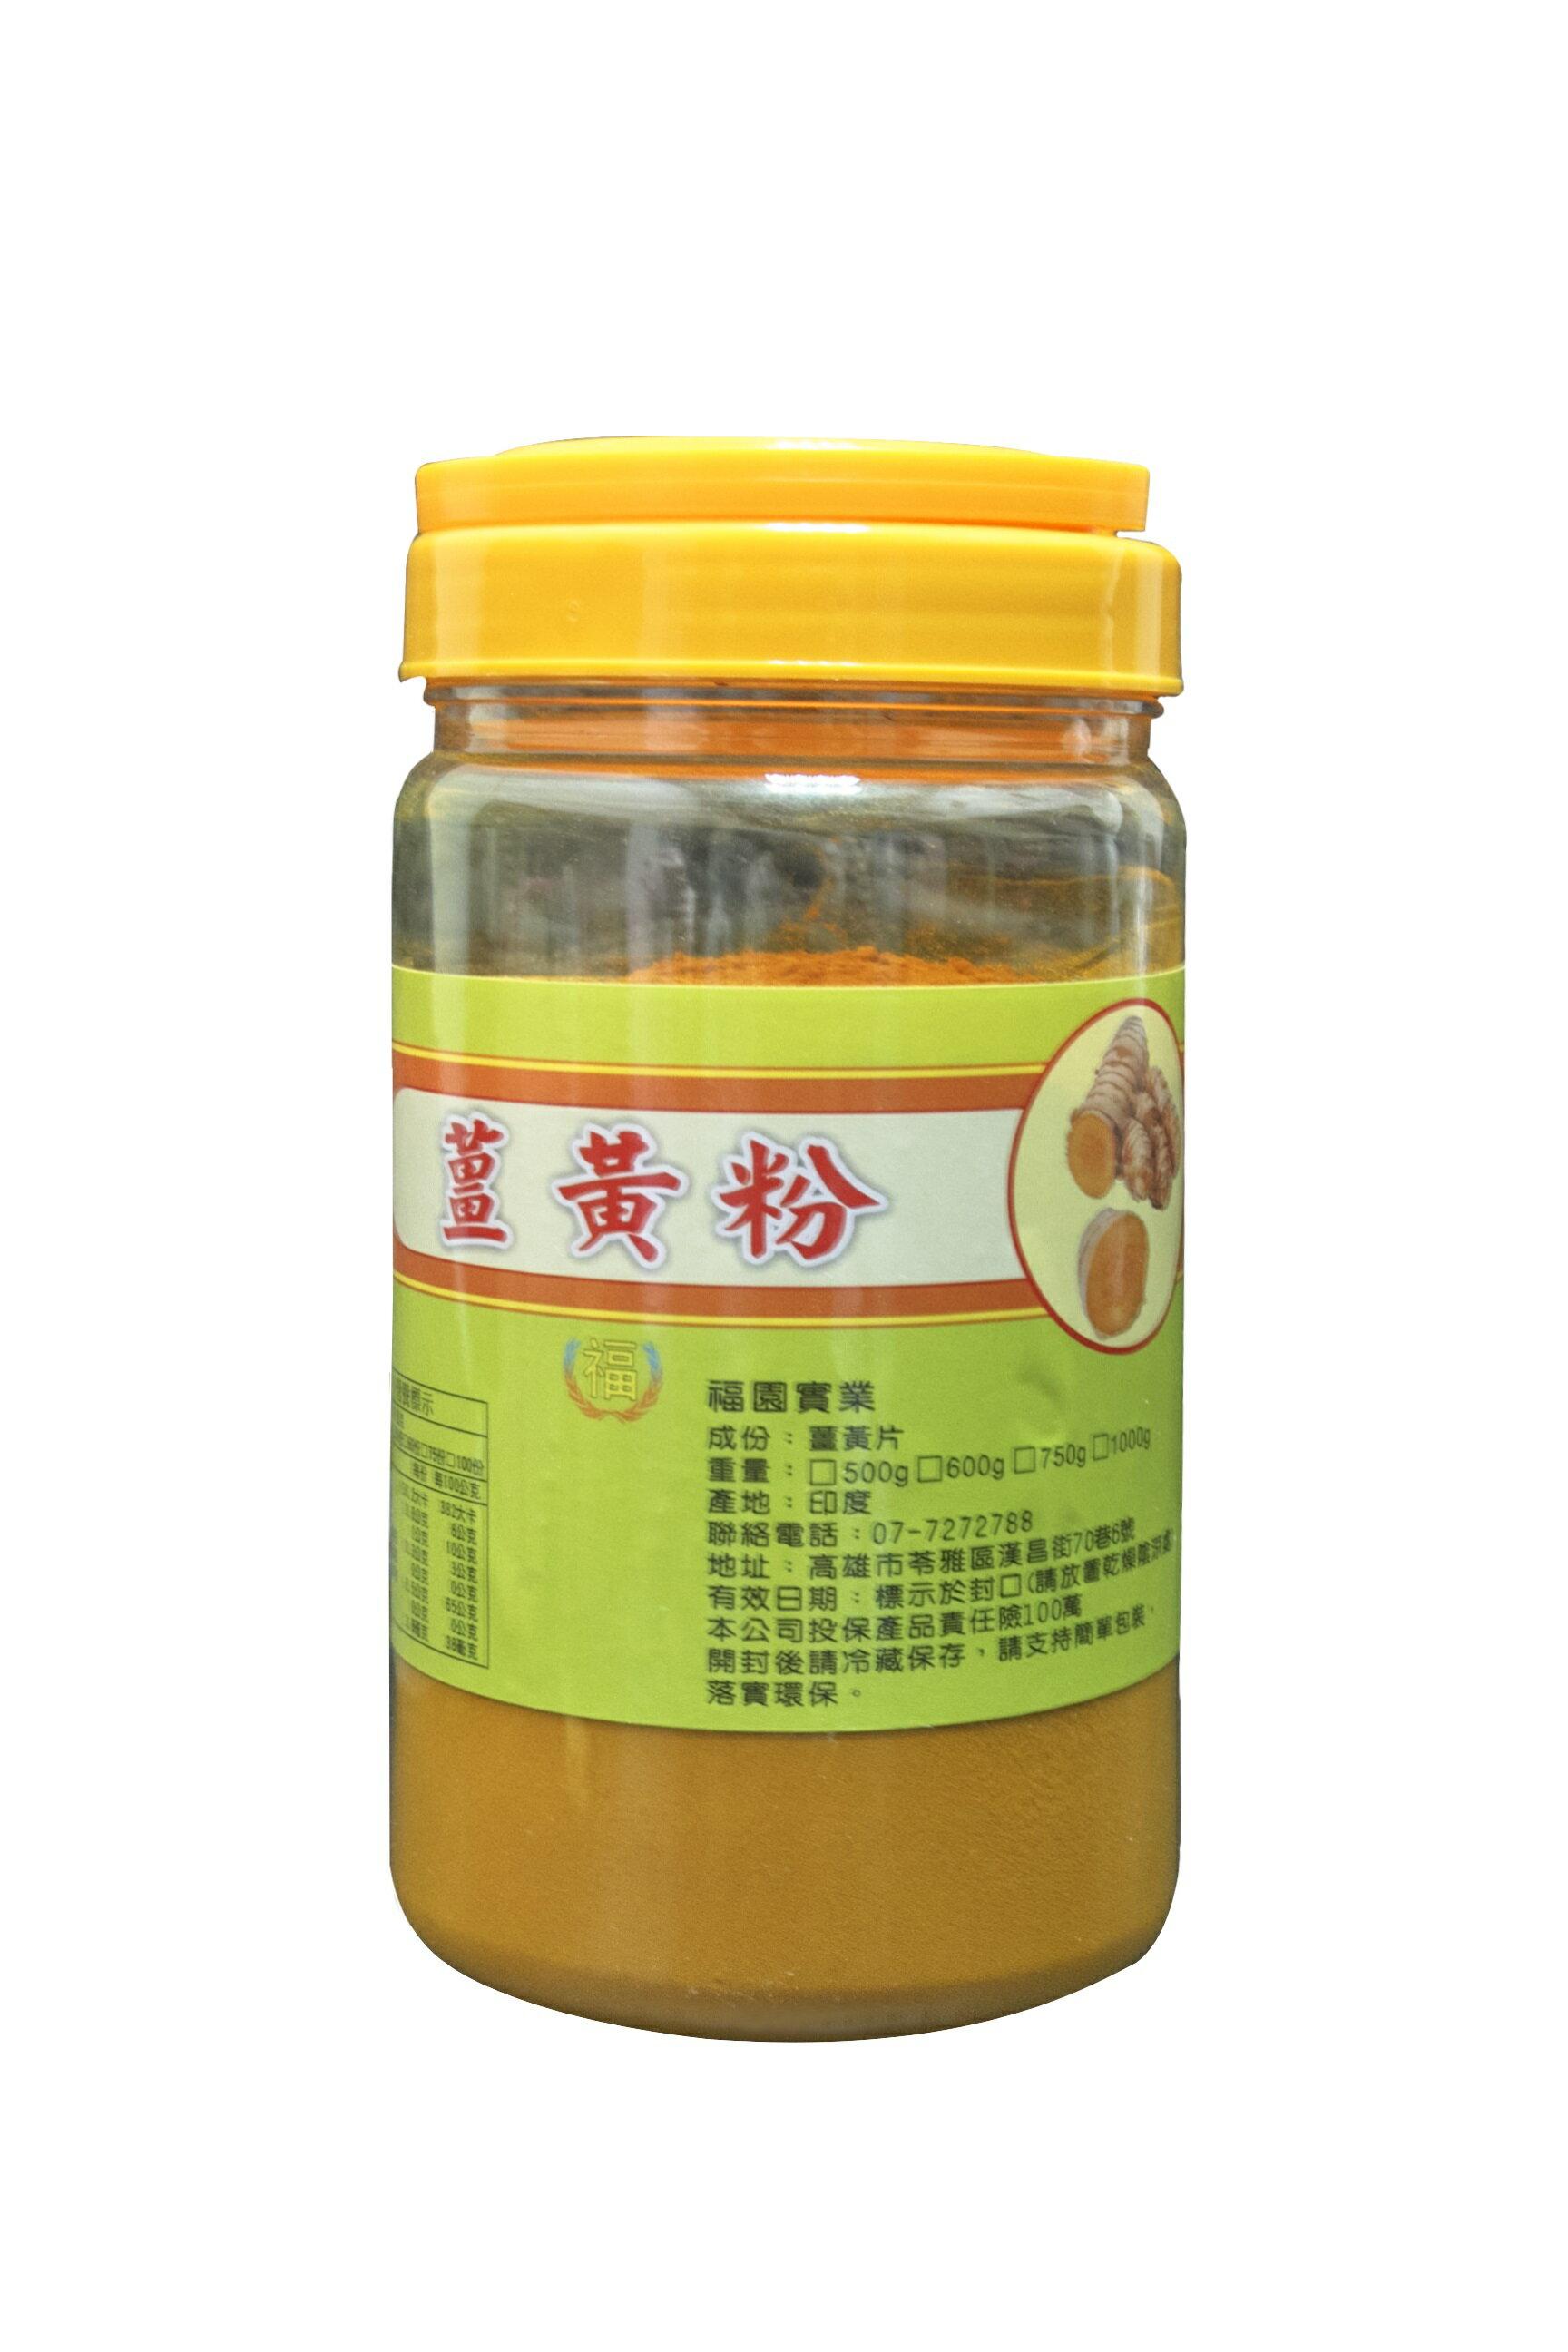 福園 印度 100%薑黃粉 500g 檢驗無農藥,無重金屬殘留